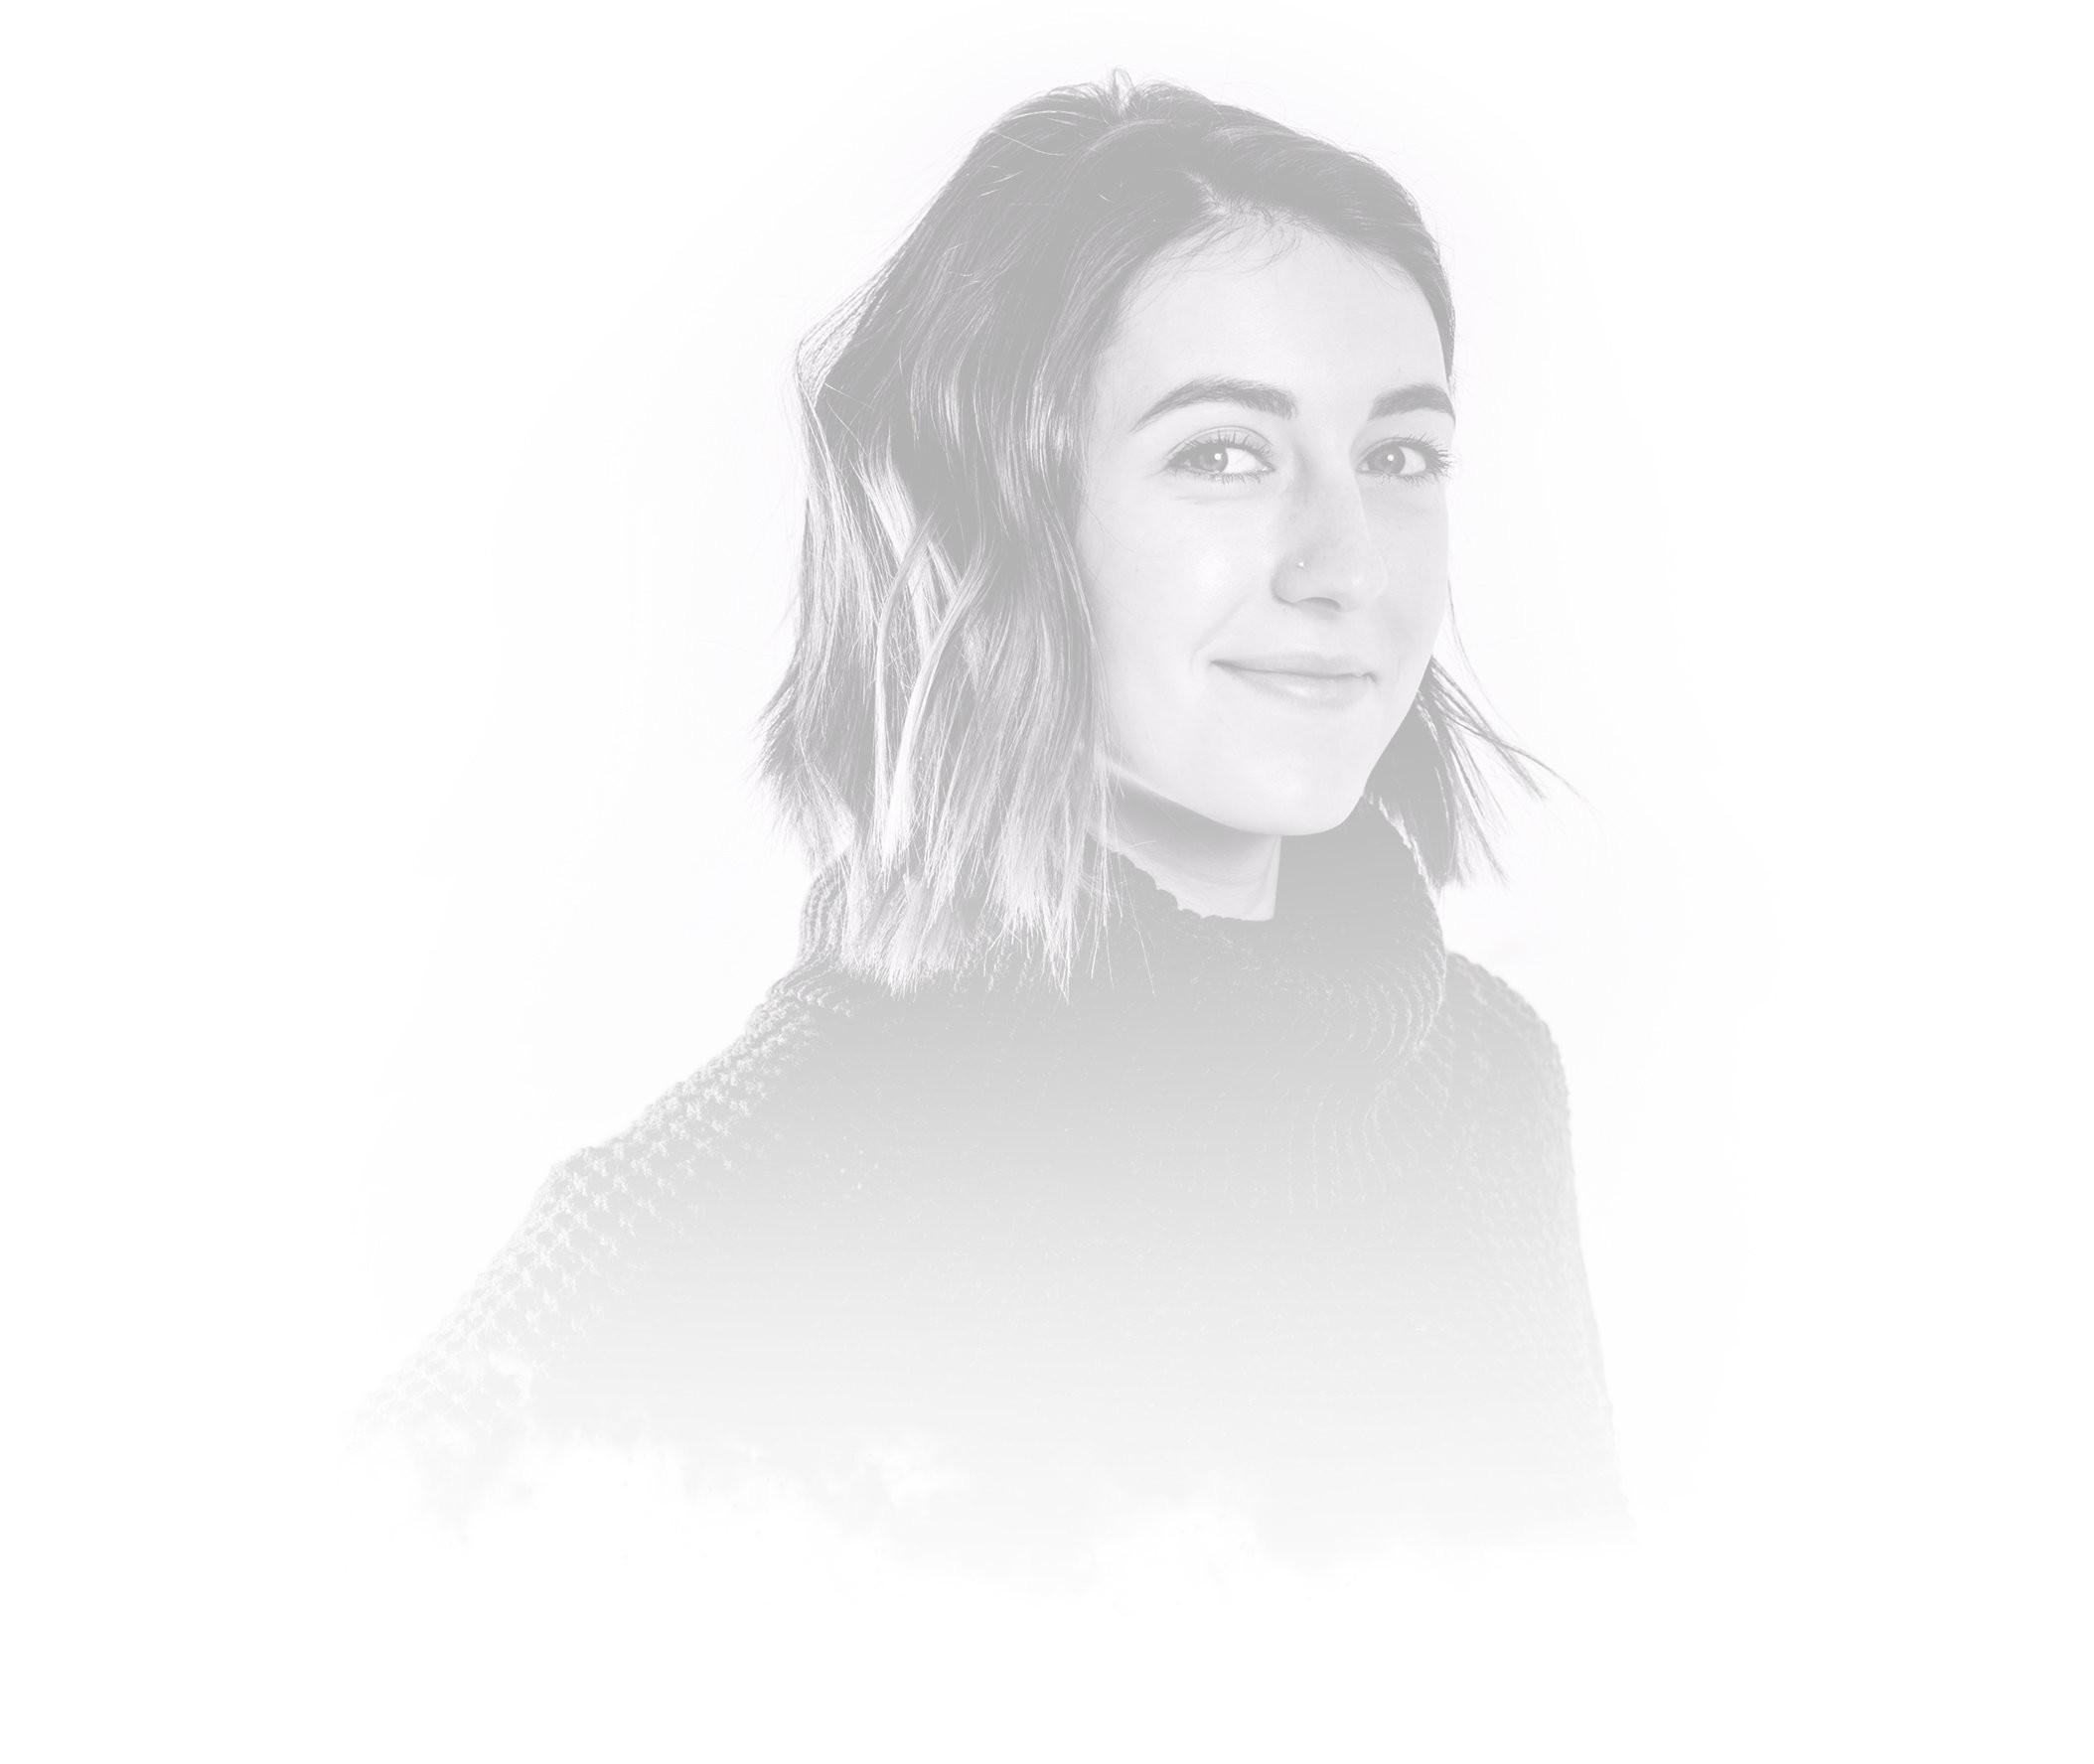 Amelia Lawrey